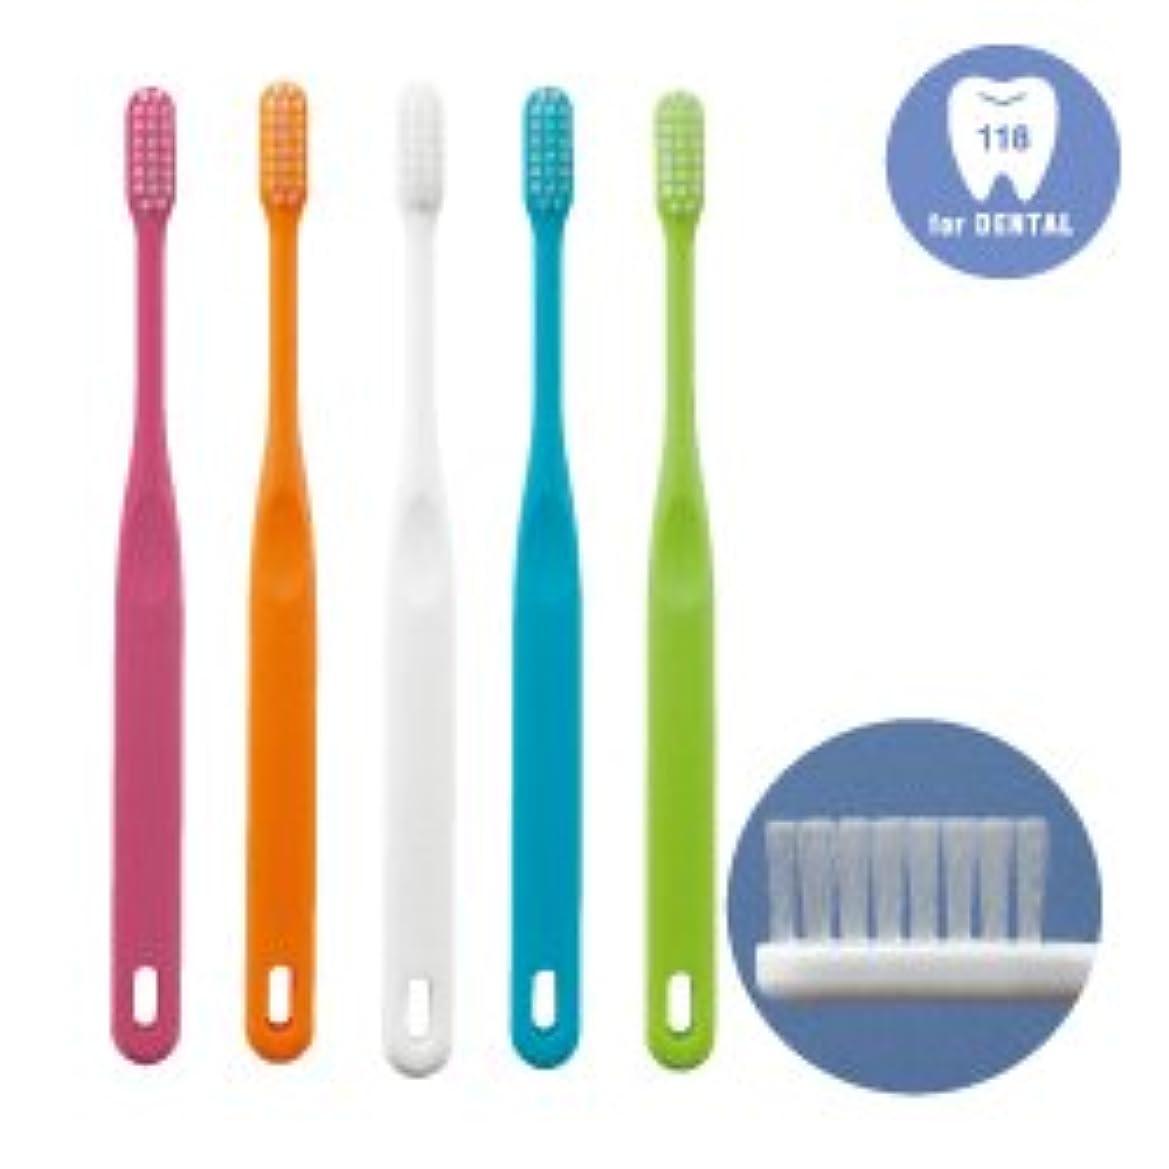 ペリスコープ肥料ほこり歯科専用歯ブラシ「118シリーズ」Advance(アドバンス)M(ふつう)25本